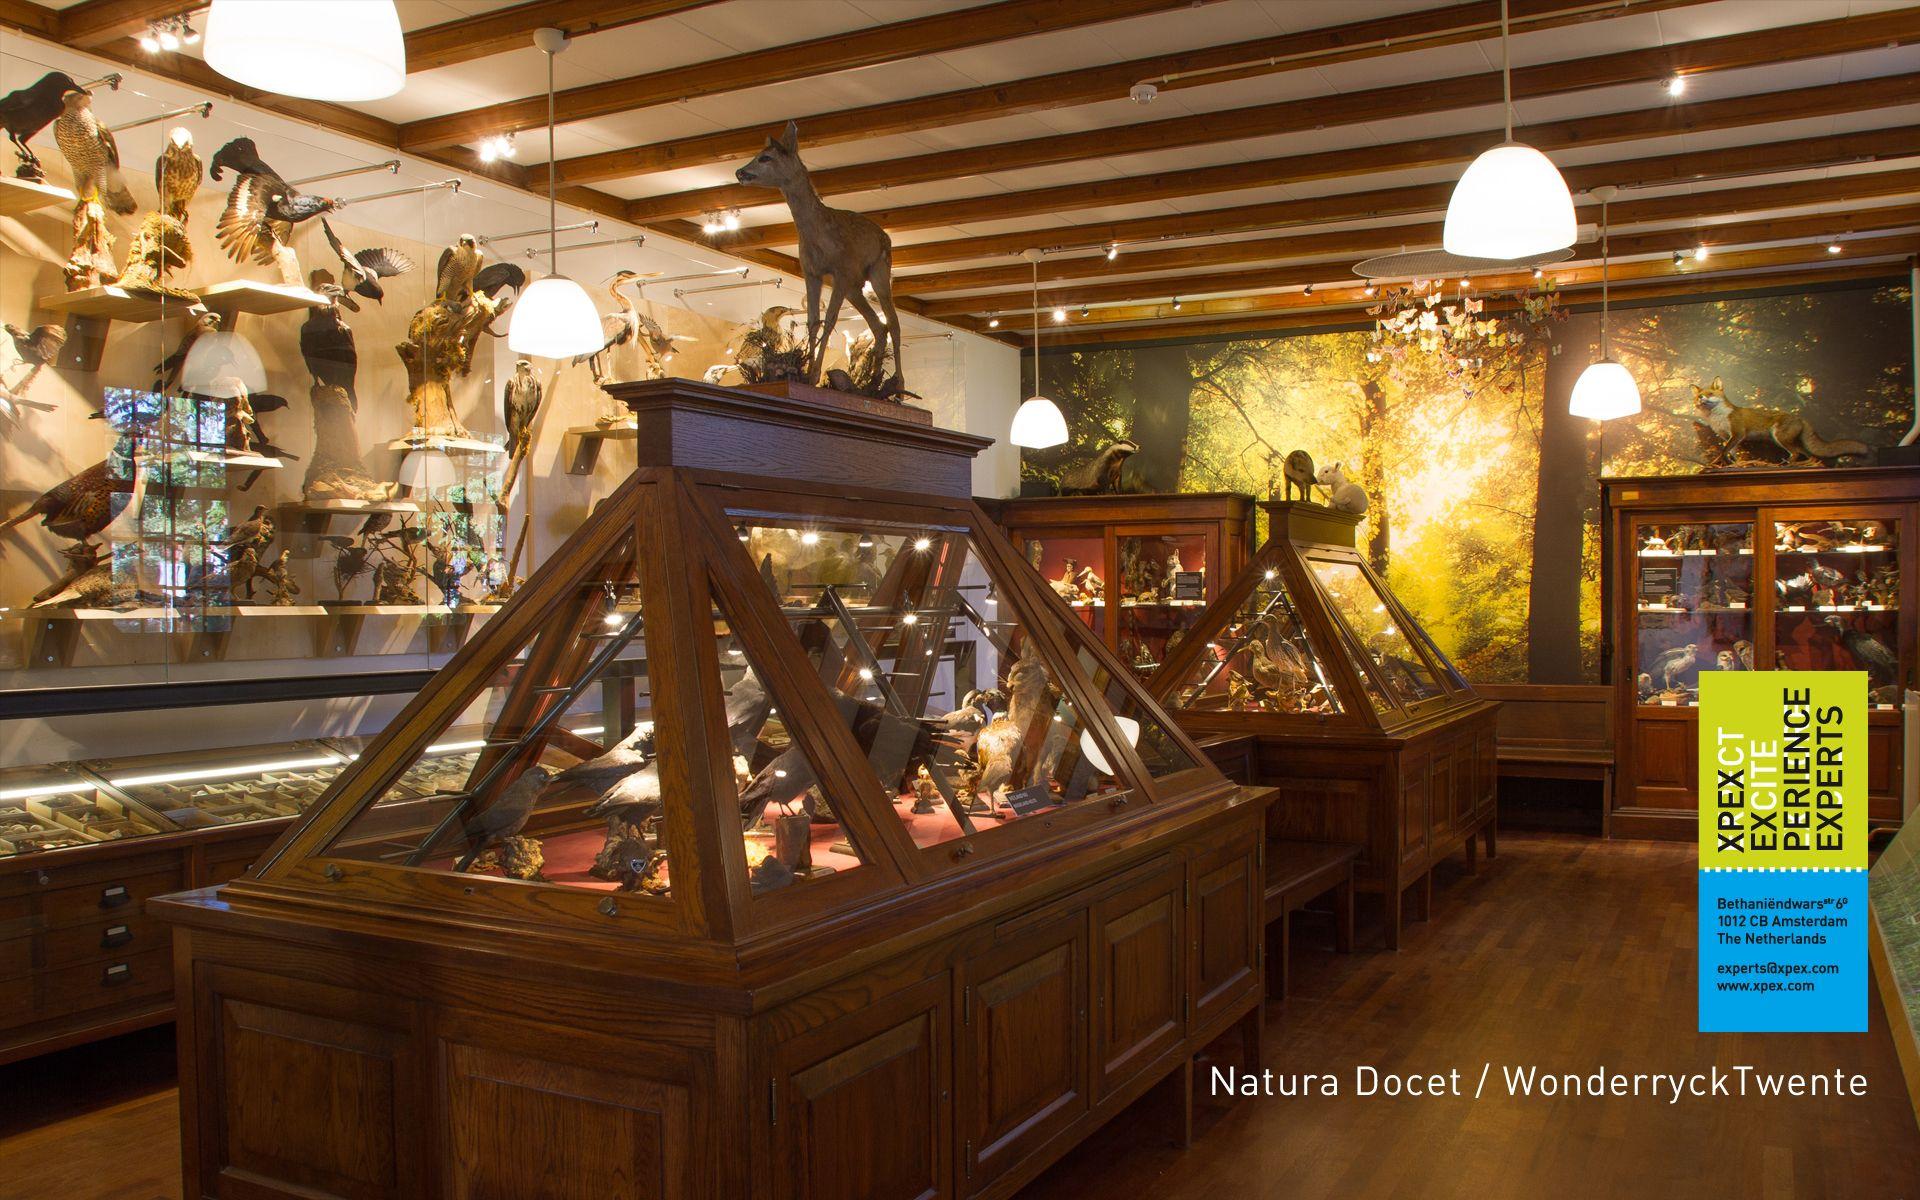 Museum en bezoekerscentrum Wonderryck Twente Denekamp. Nieuwe vitrines met een overdaad aan opgezette dieren. Embalmed animals.